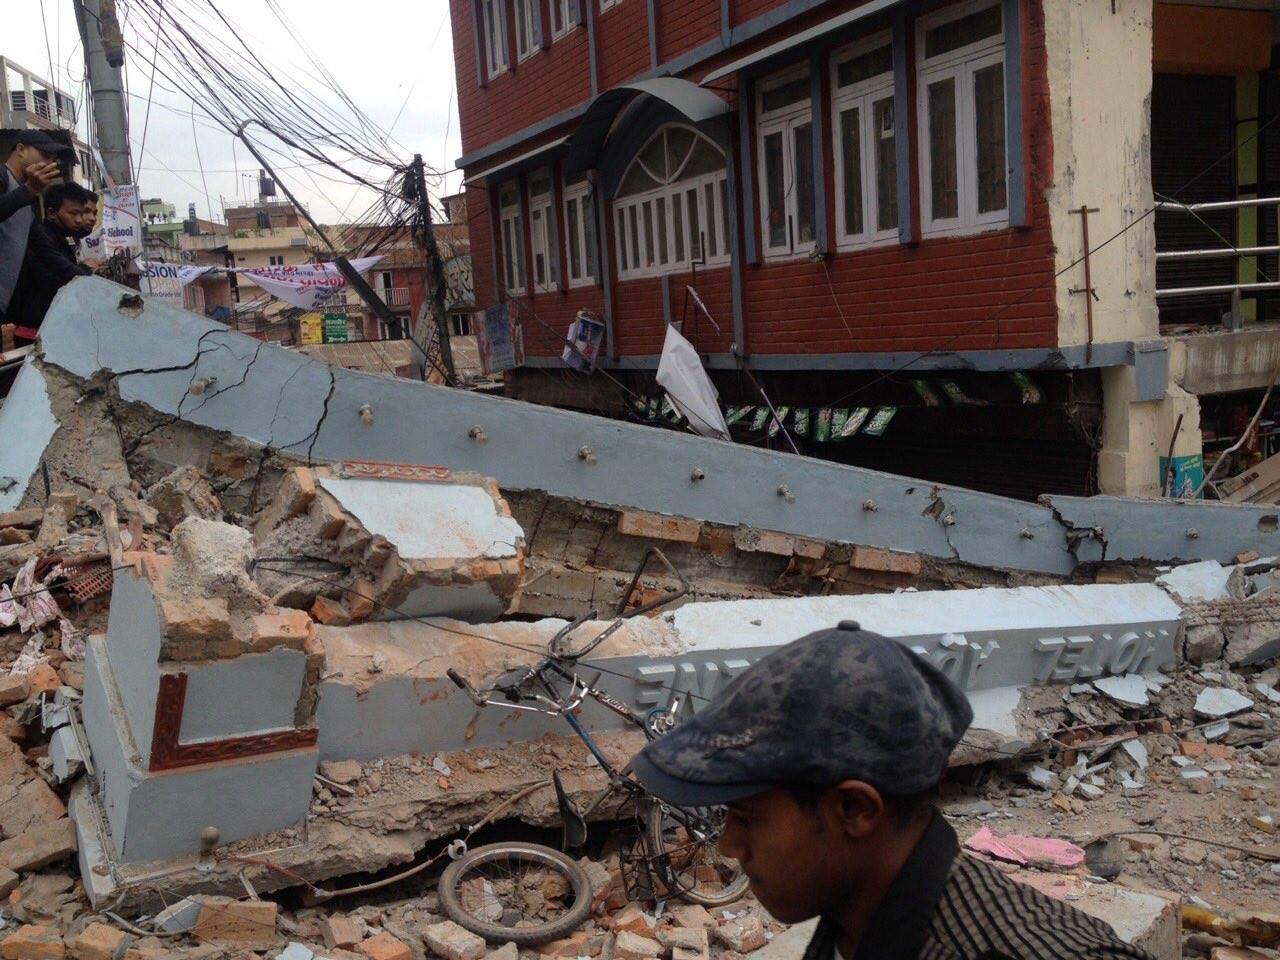 """Разрушения после землетрясения вНепале. Источник: <a rel=""""nofollow"""" href=""""https://commons.wikimedia.org/wiki/File:Nepal_Earthquake_2015_01.jpg?uselang=ru"""" target=""""_blank""""><i>Wikimedia Commons</i></a>."""